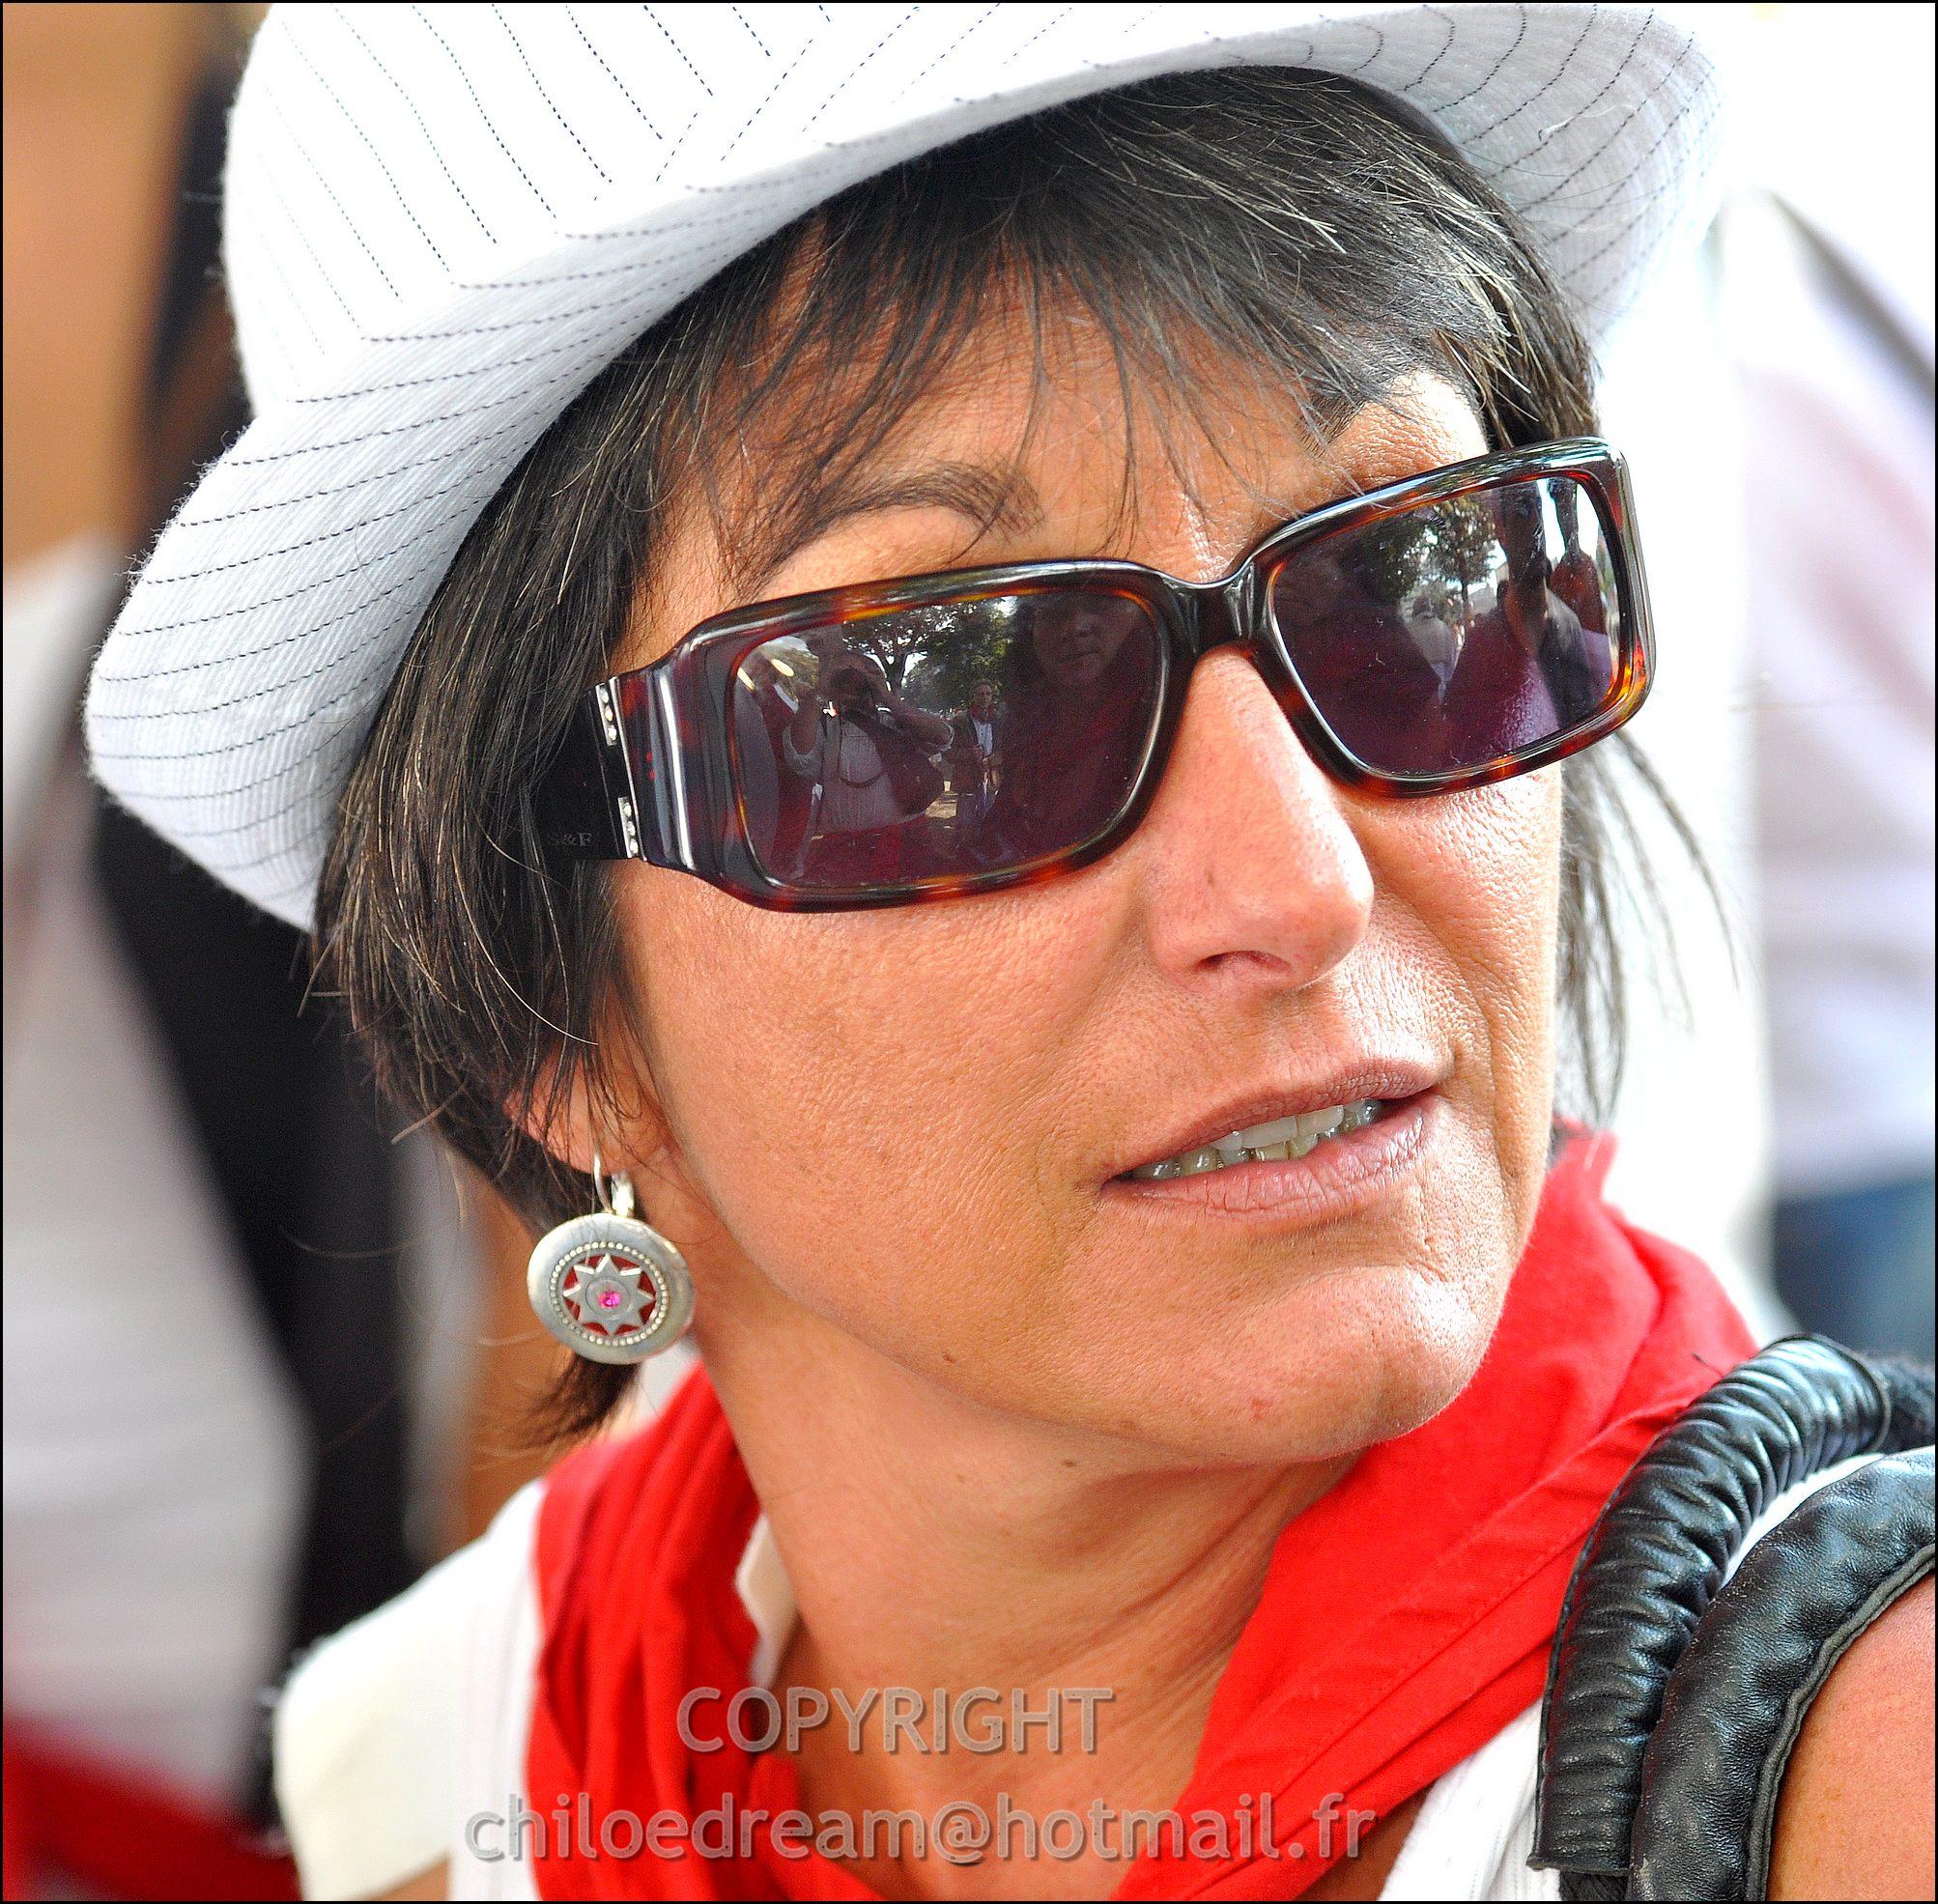 Voyage Pays Basque - Dax ; Corrida à cheval en rouge et blanc 2